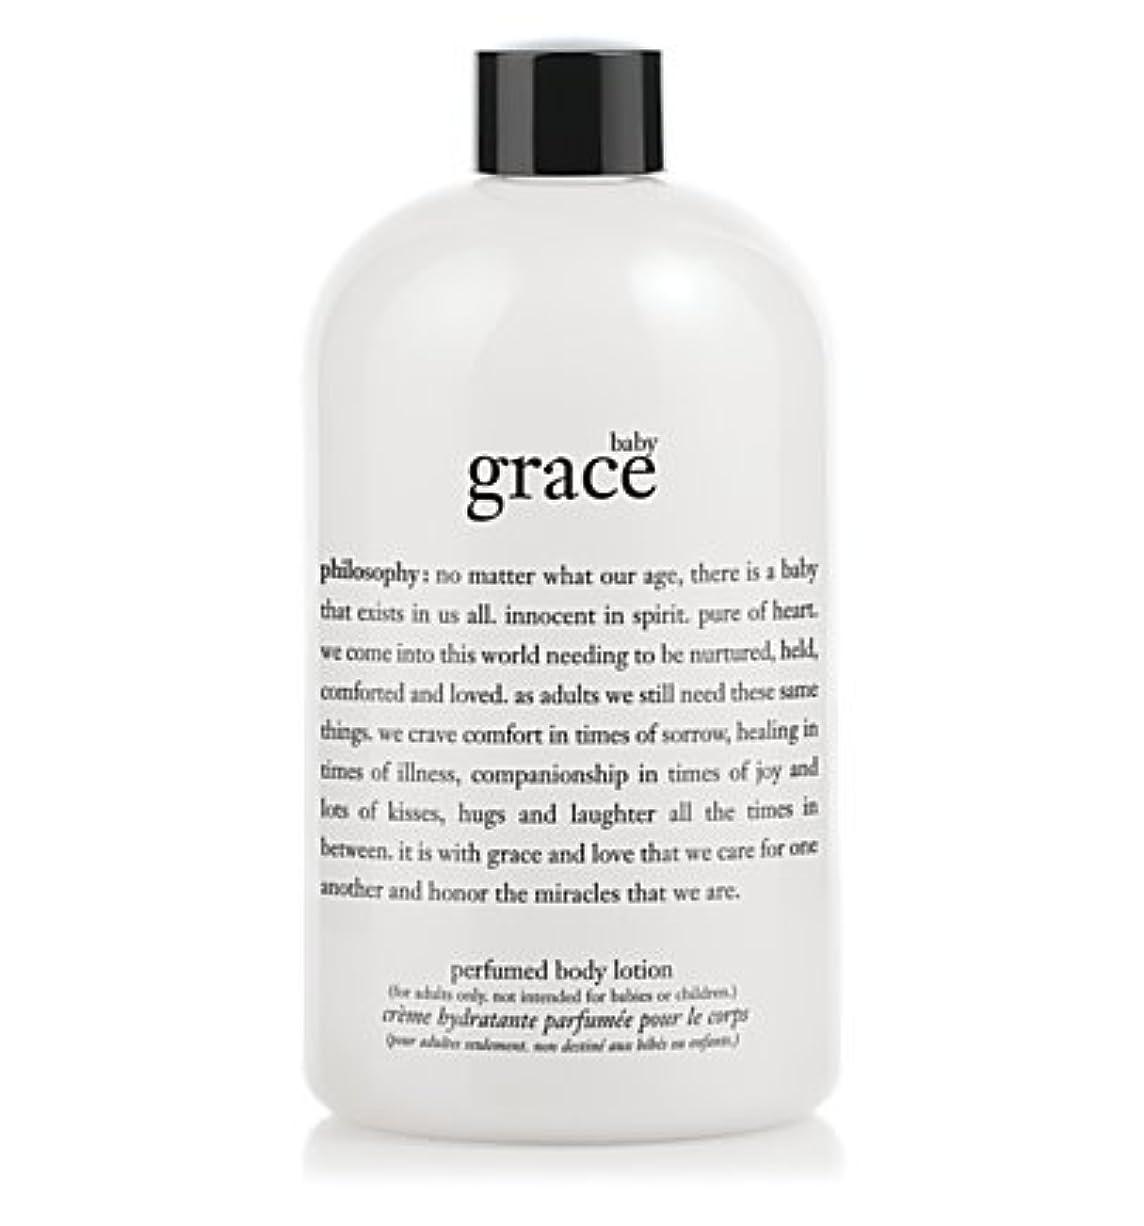 顕微鏡犯罪いっぱいbaby grace (ベビーグレイス ) 16.0 oz (480 ml) perfumed body lotion for Women